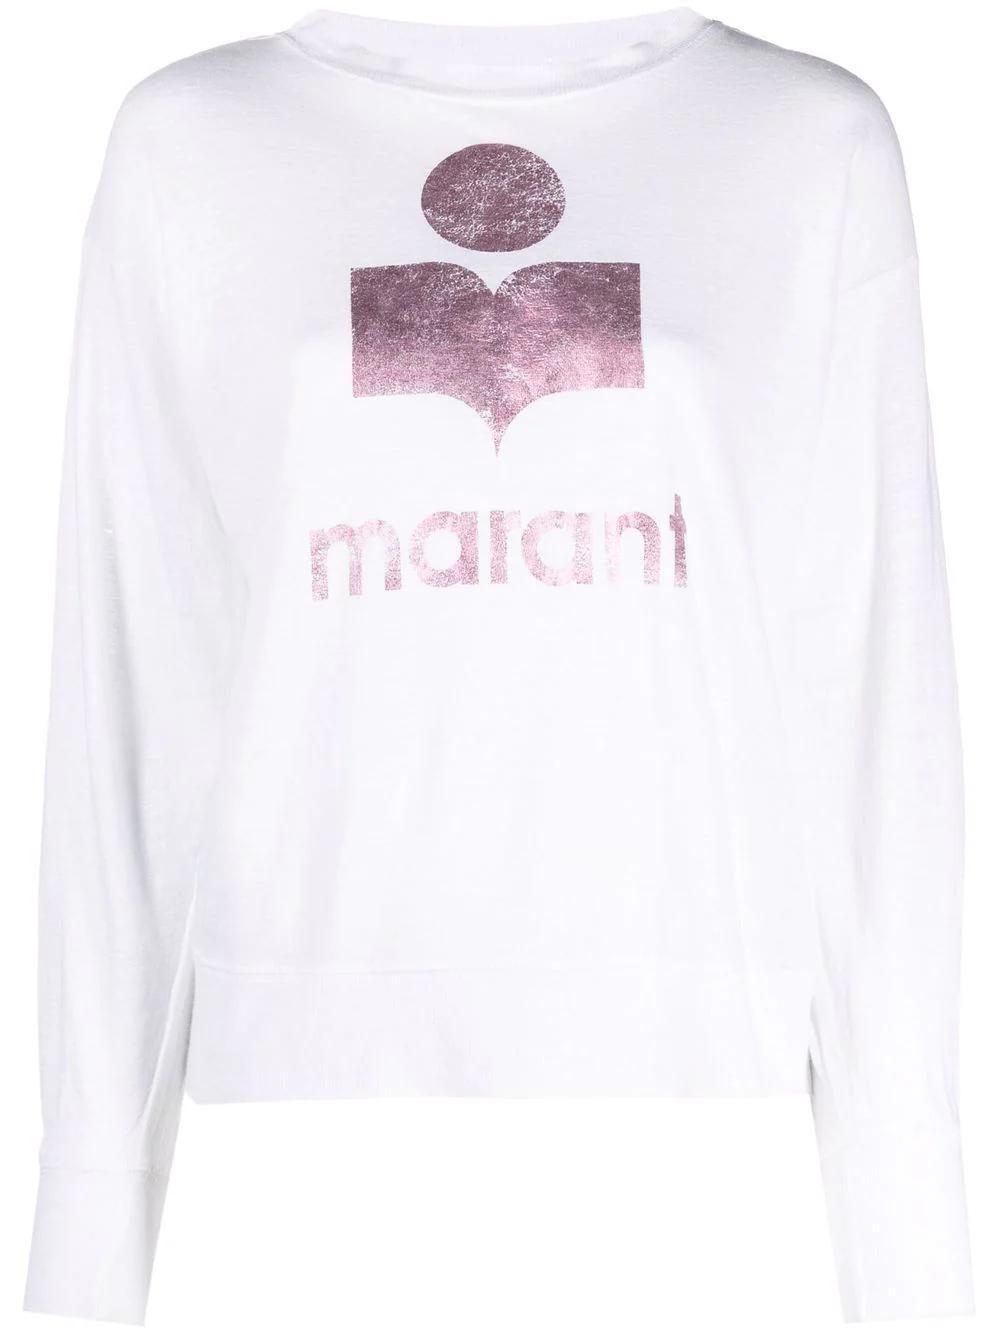 KLOWIA - Sweatshirt